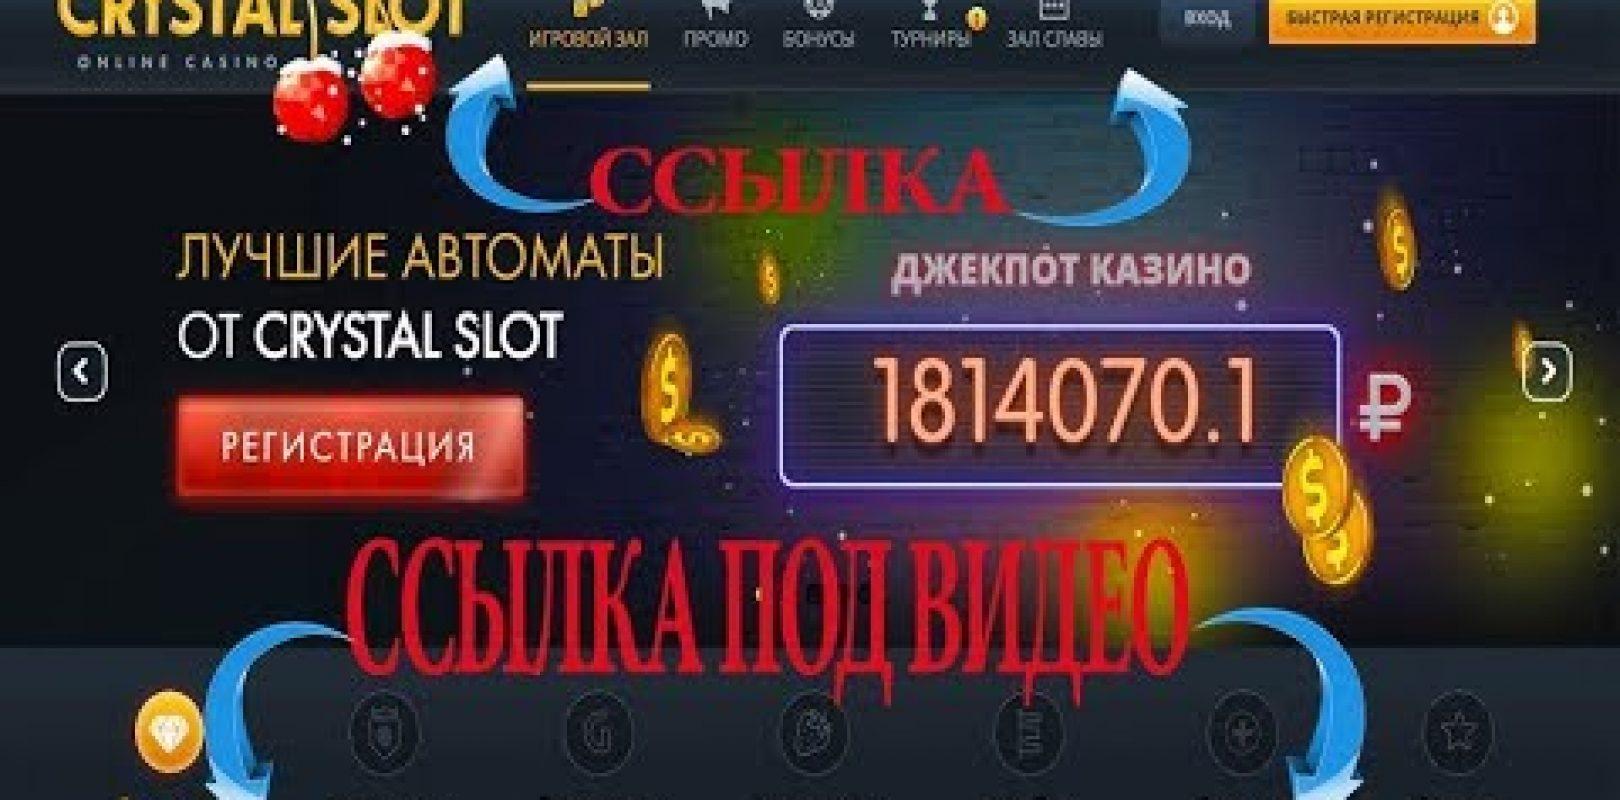 Игровой автомат жемчужина дельфина zz club рейтинг слотов рф игровой автомат купить в саратове